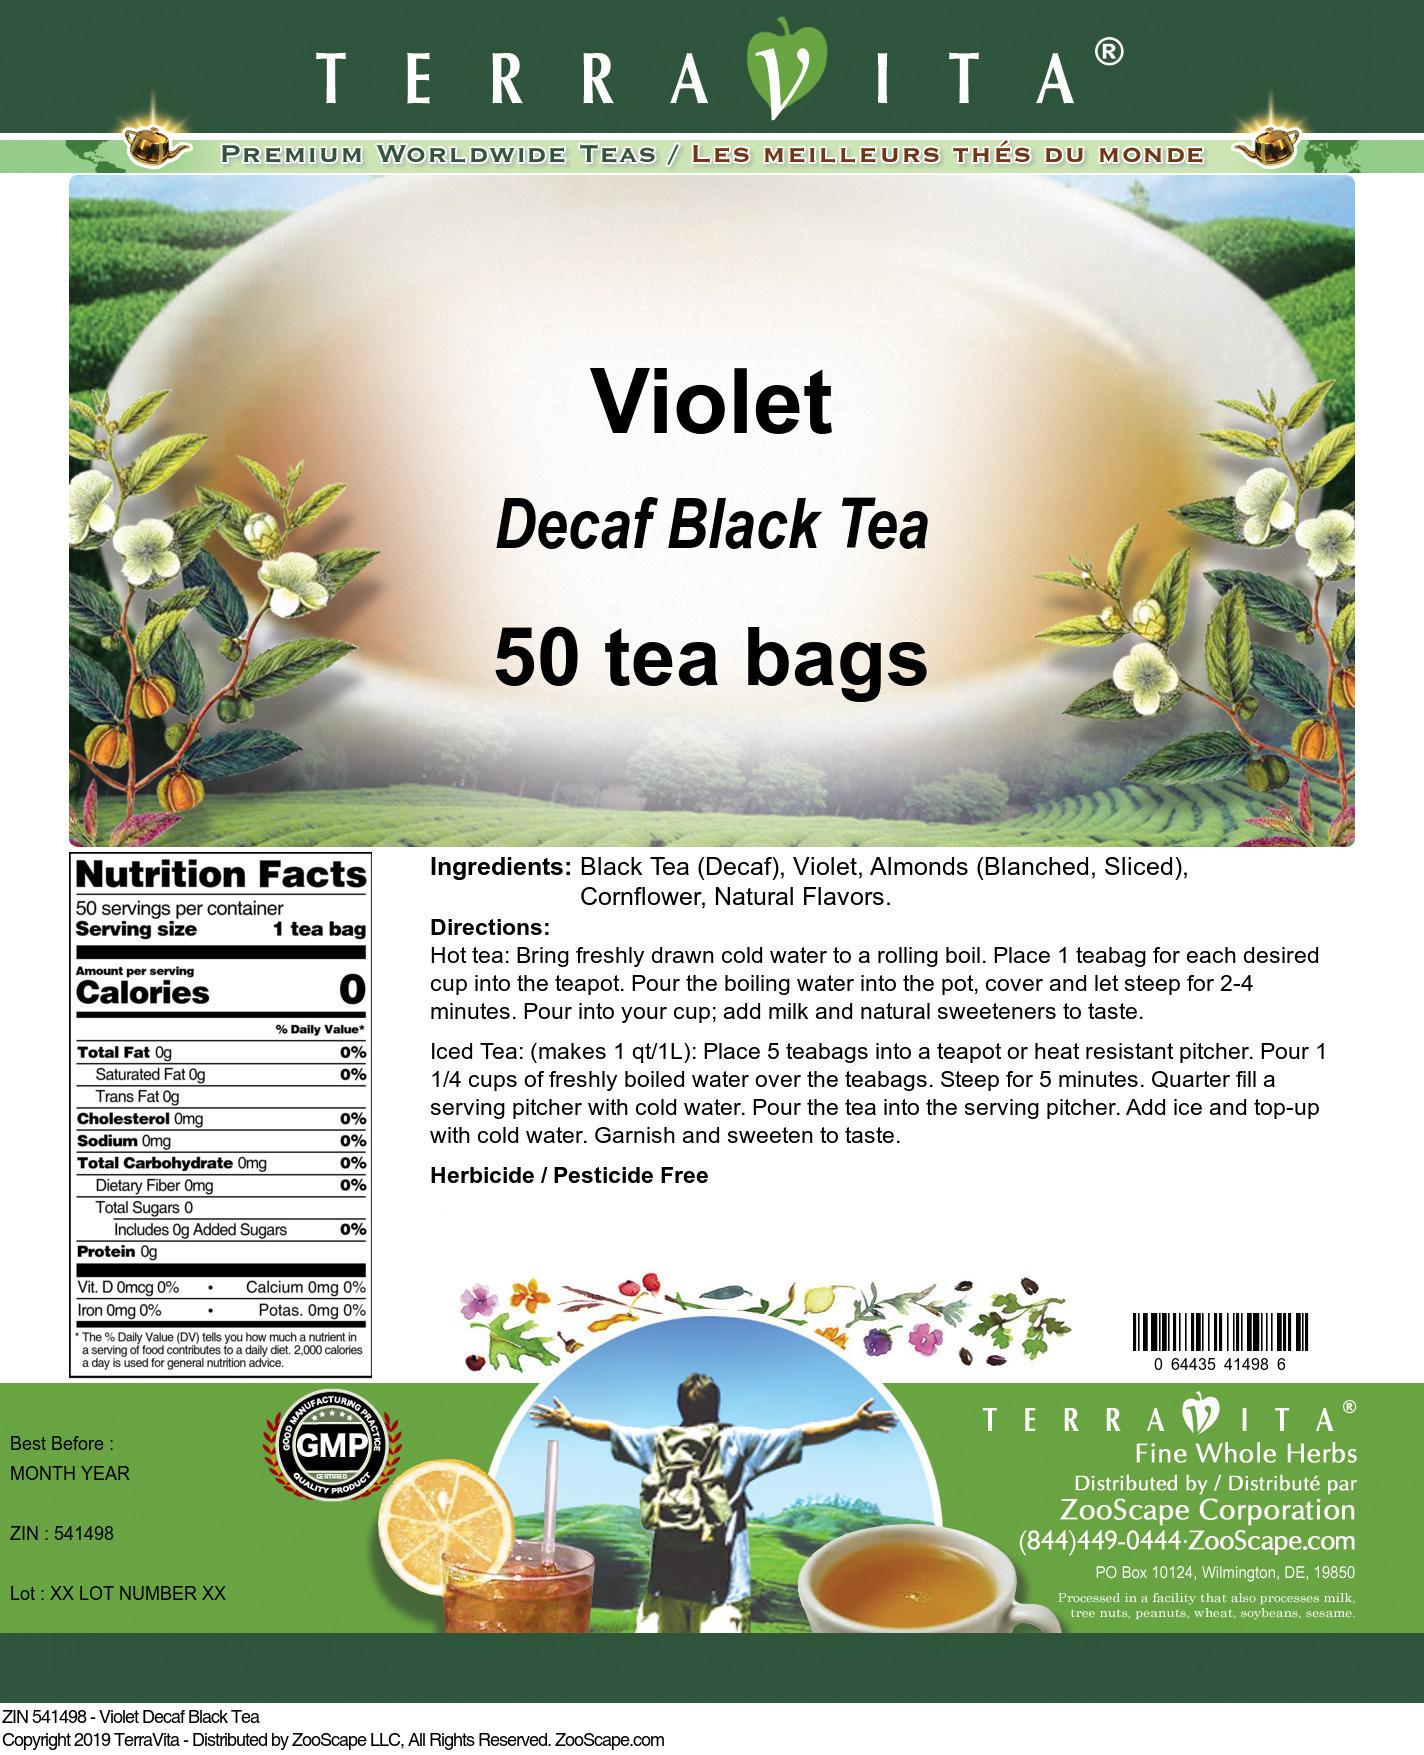 Violet Decaf Black Tea